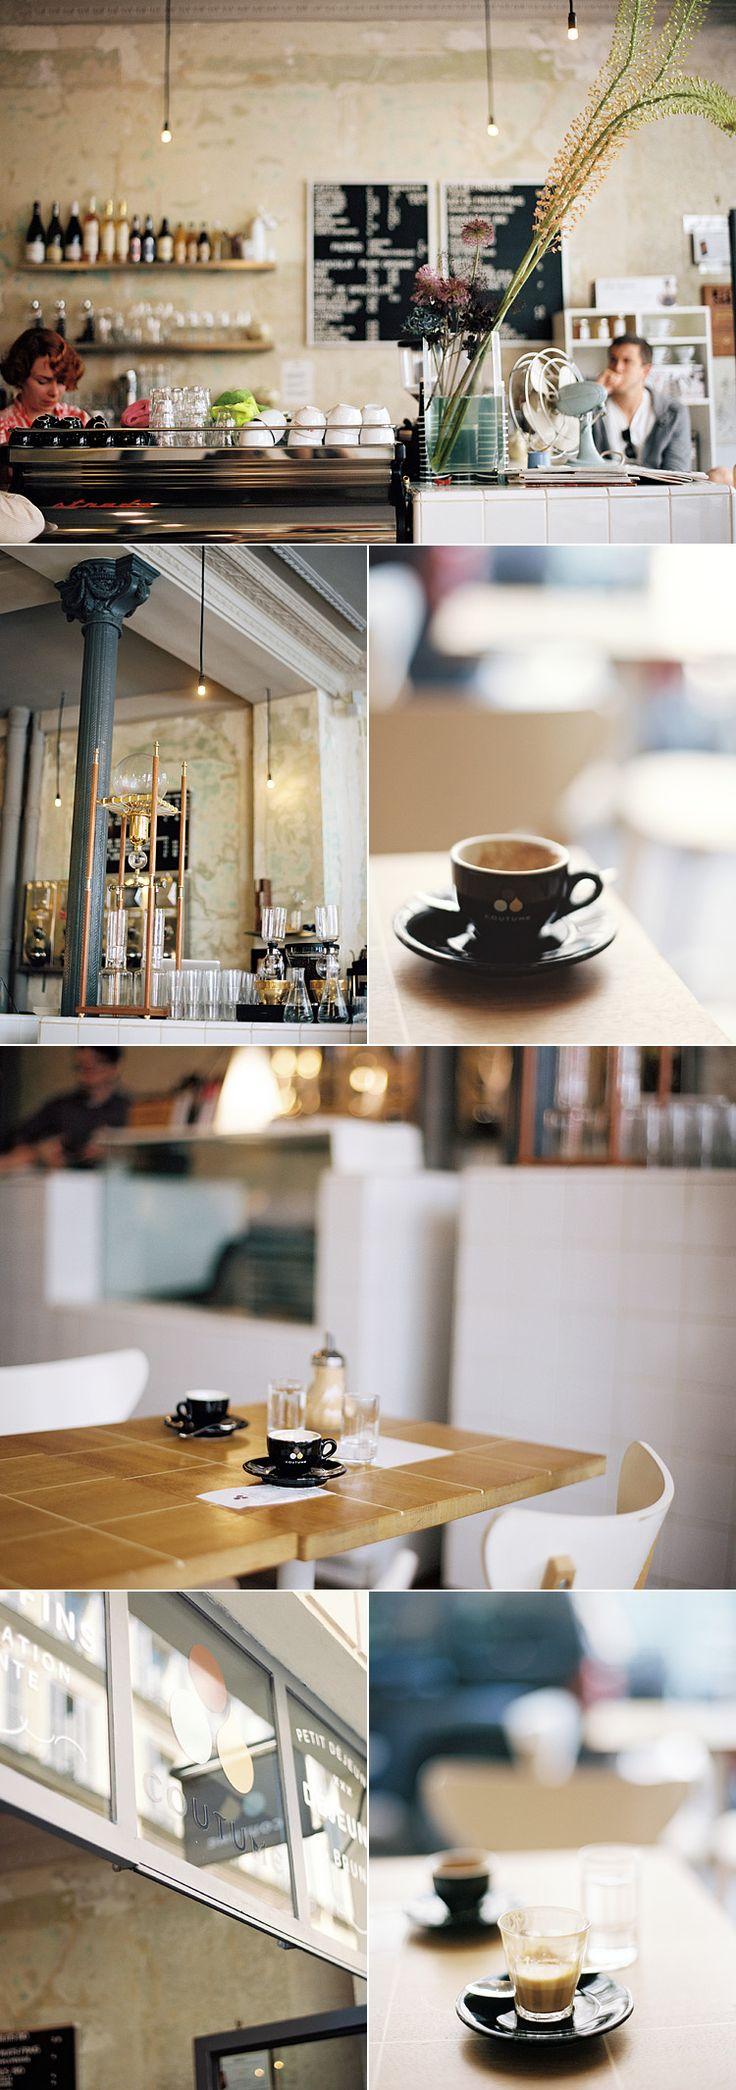 Coutume Café - 47 rue Babylone 75007 Paris